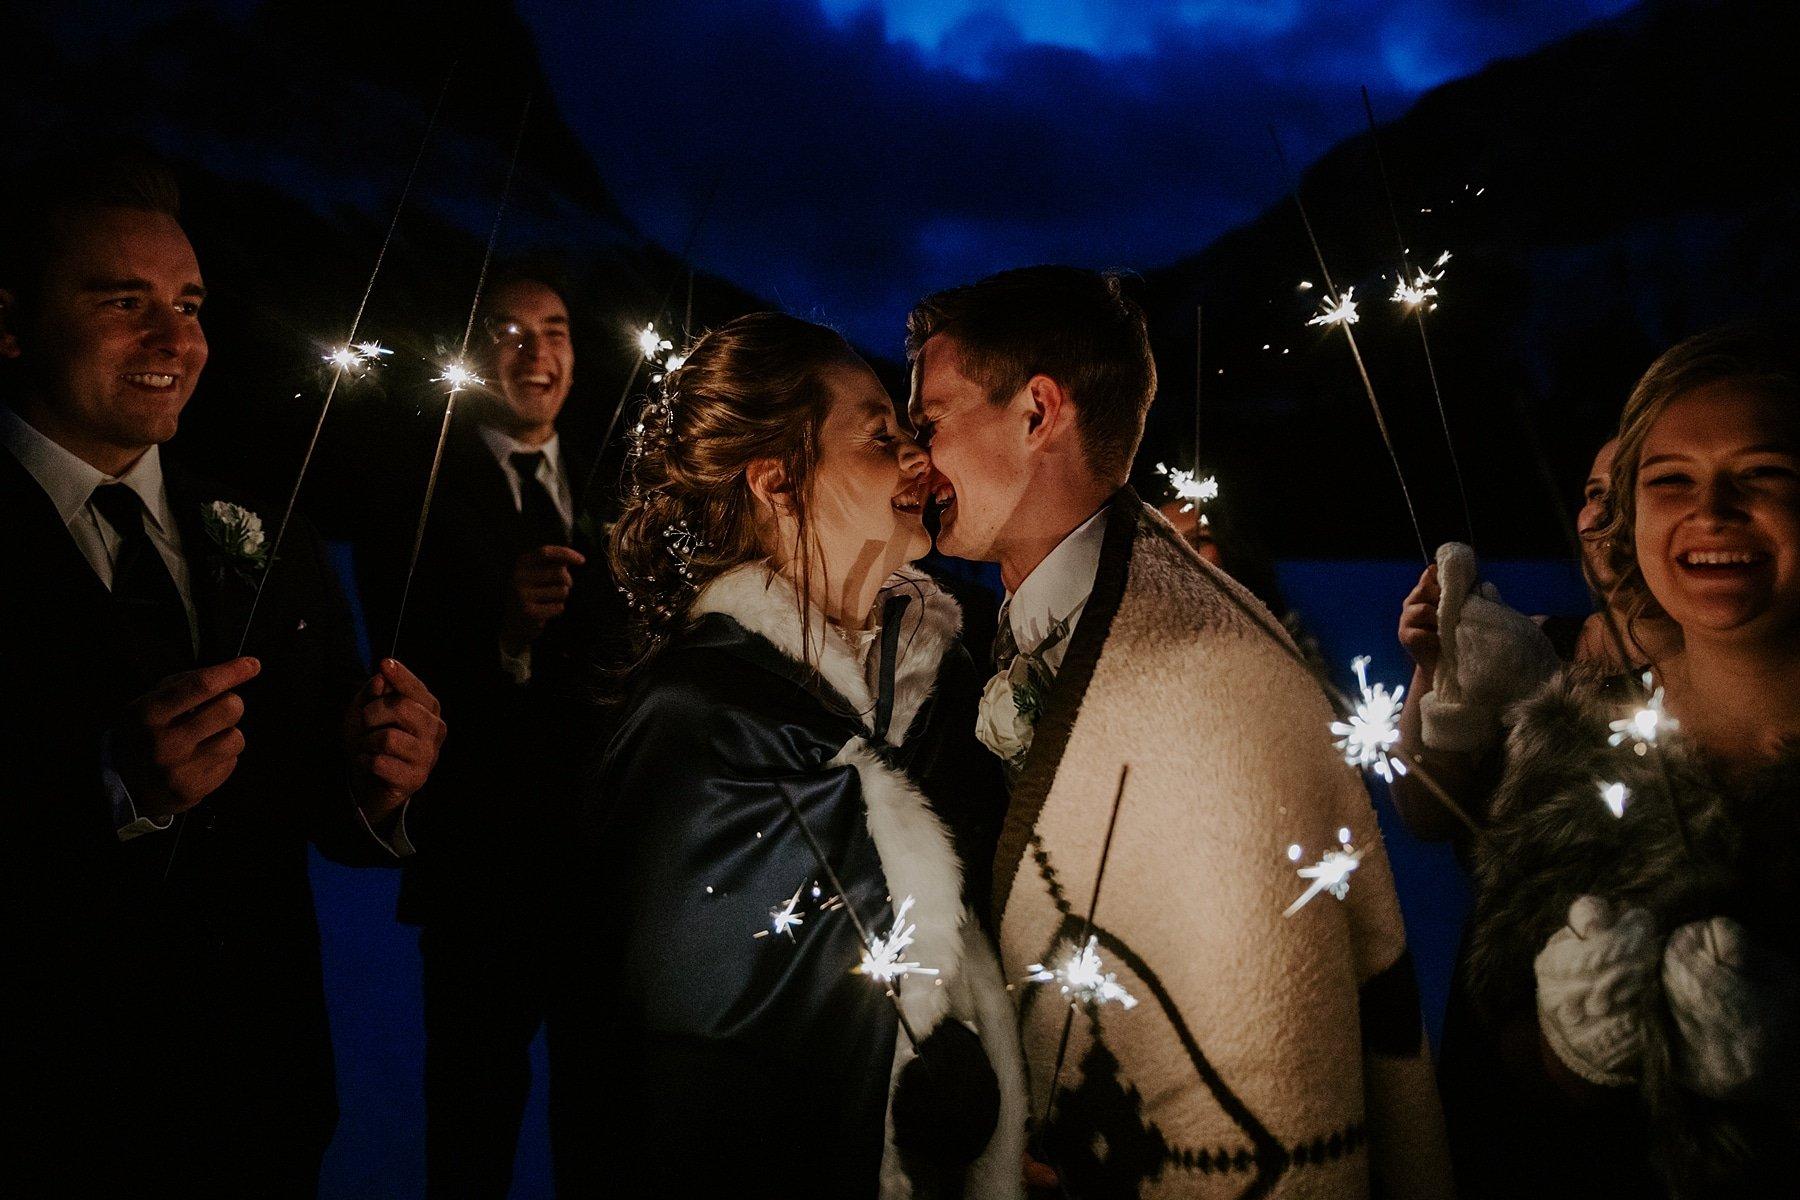 Sparkler wedding photos in Canmore